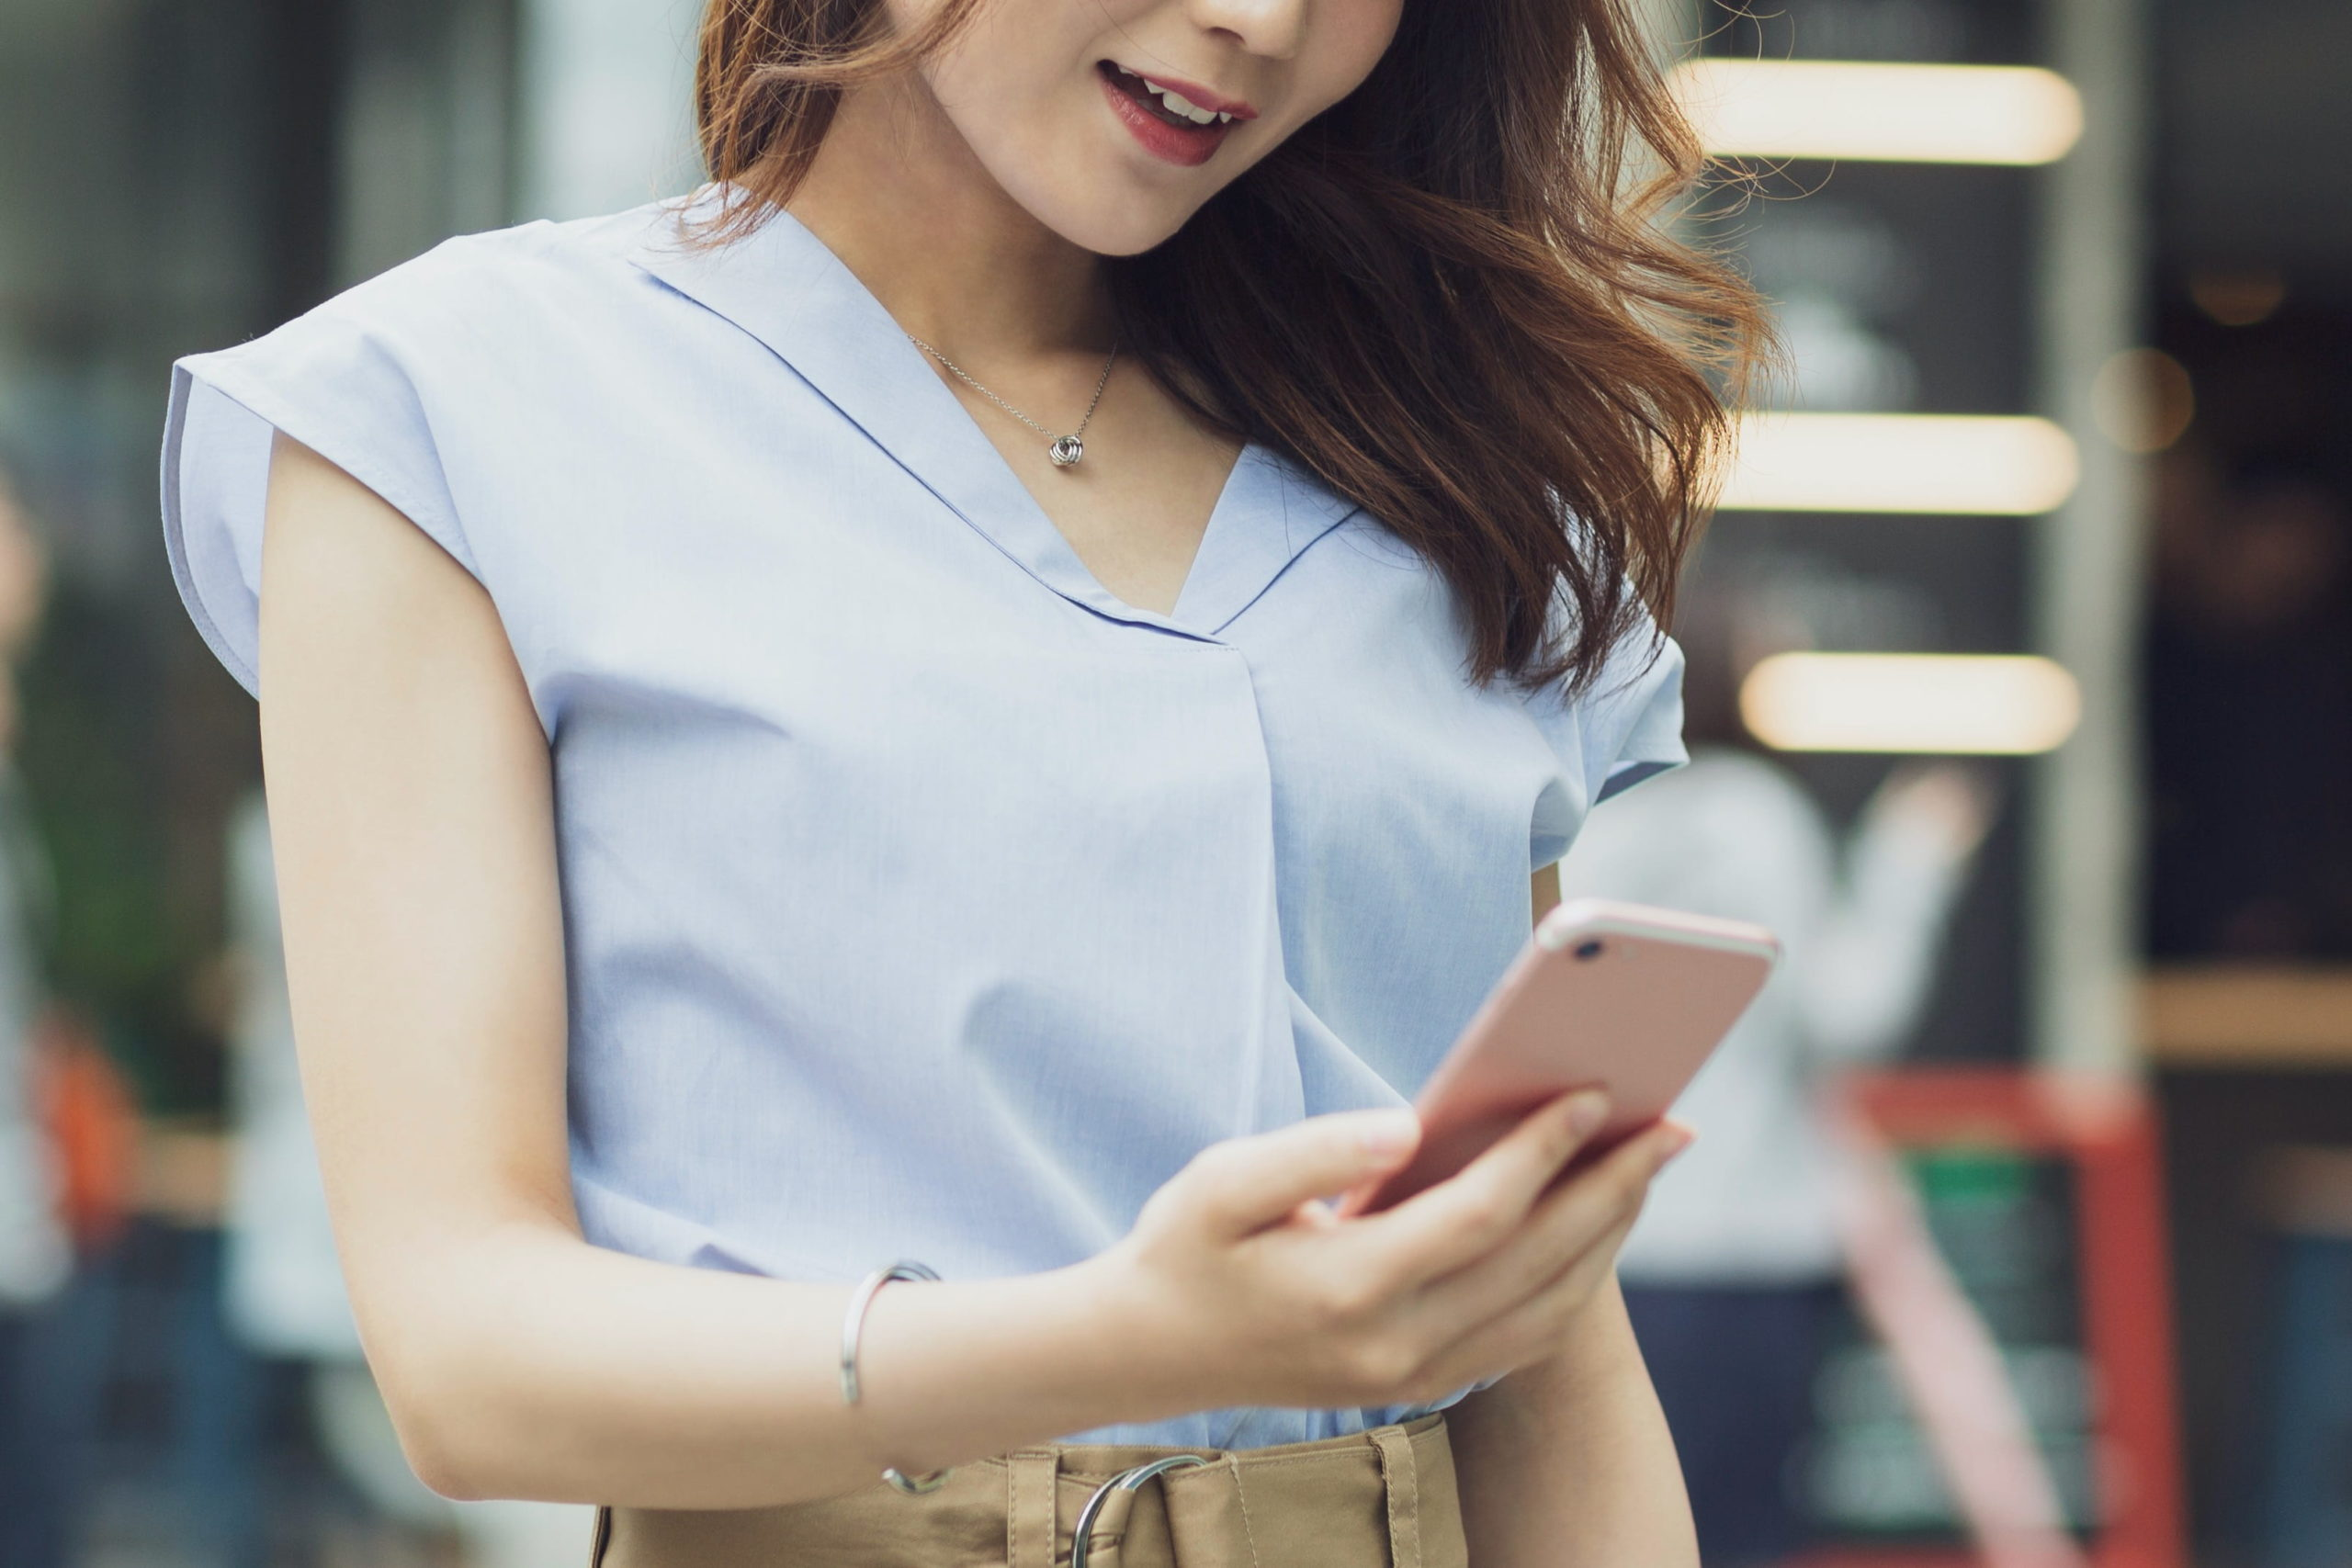 女性・スマートフォン・携帯電話